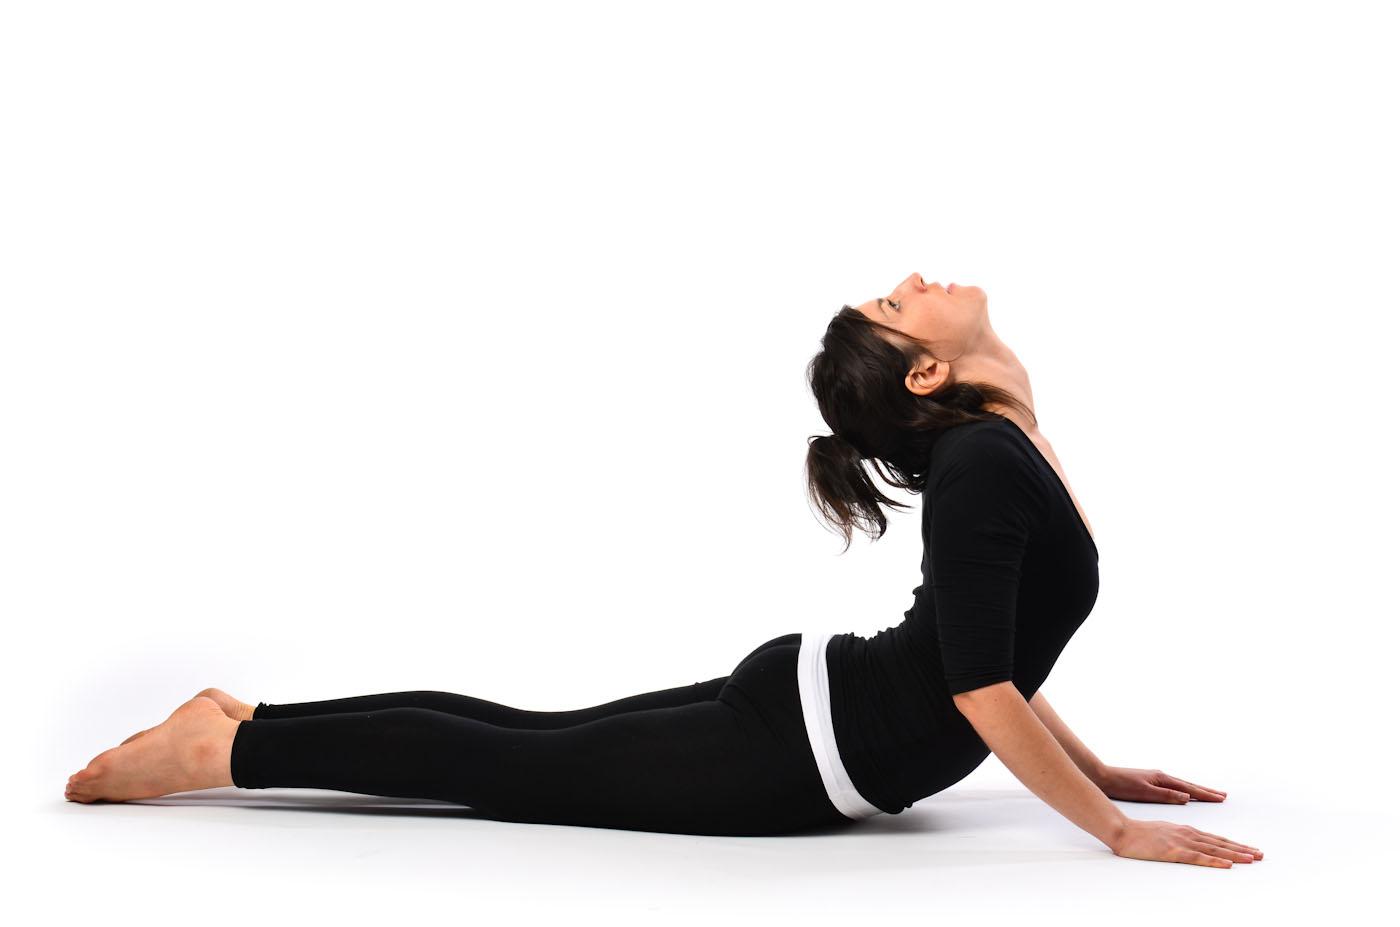 gerakan-yoga-untuk-mengecilkan-perut-yoga-Bhujangasana